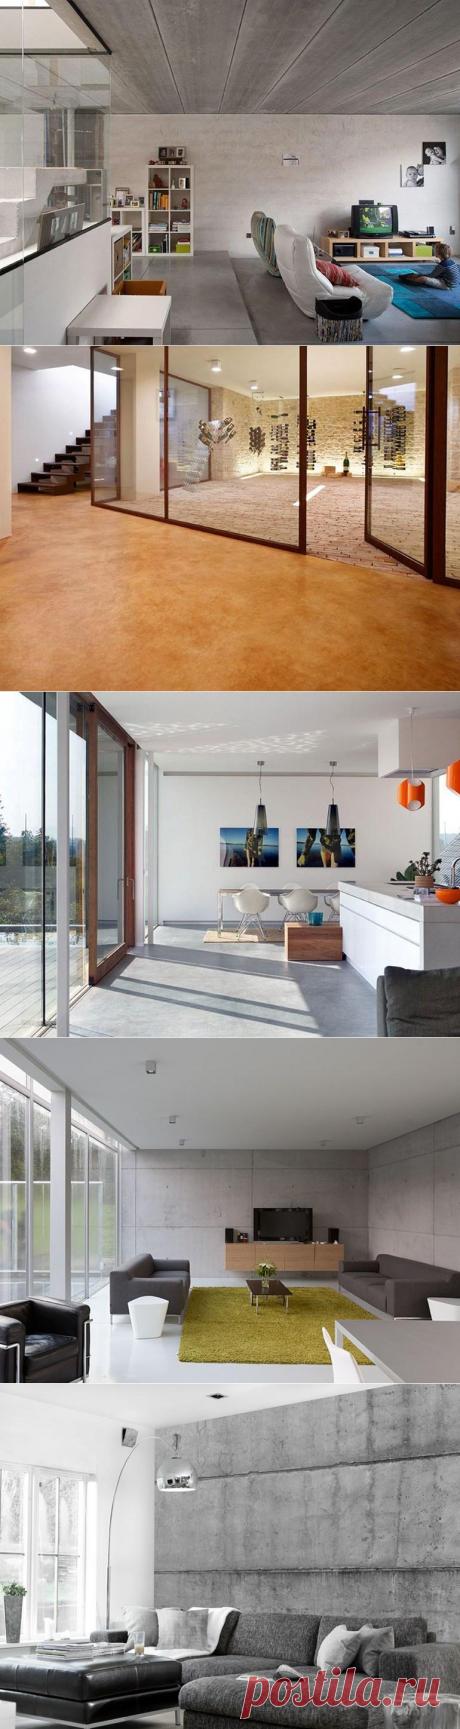 Бетон в дизайне интерьера — Мой дом